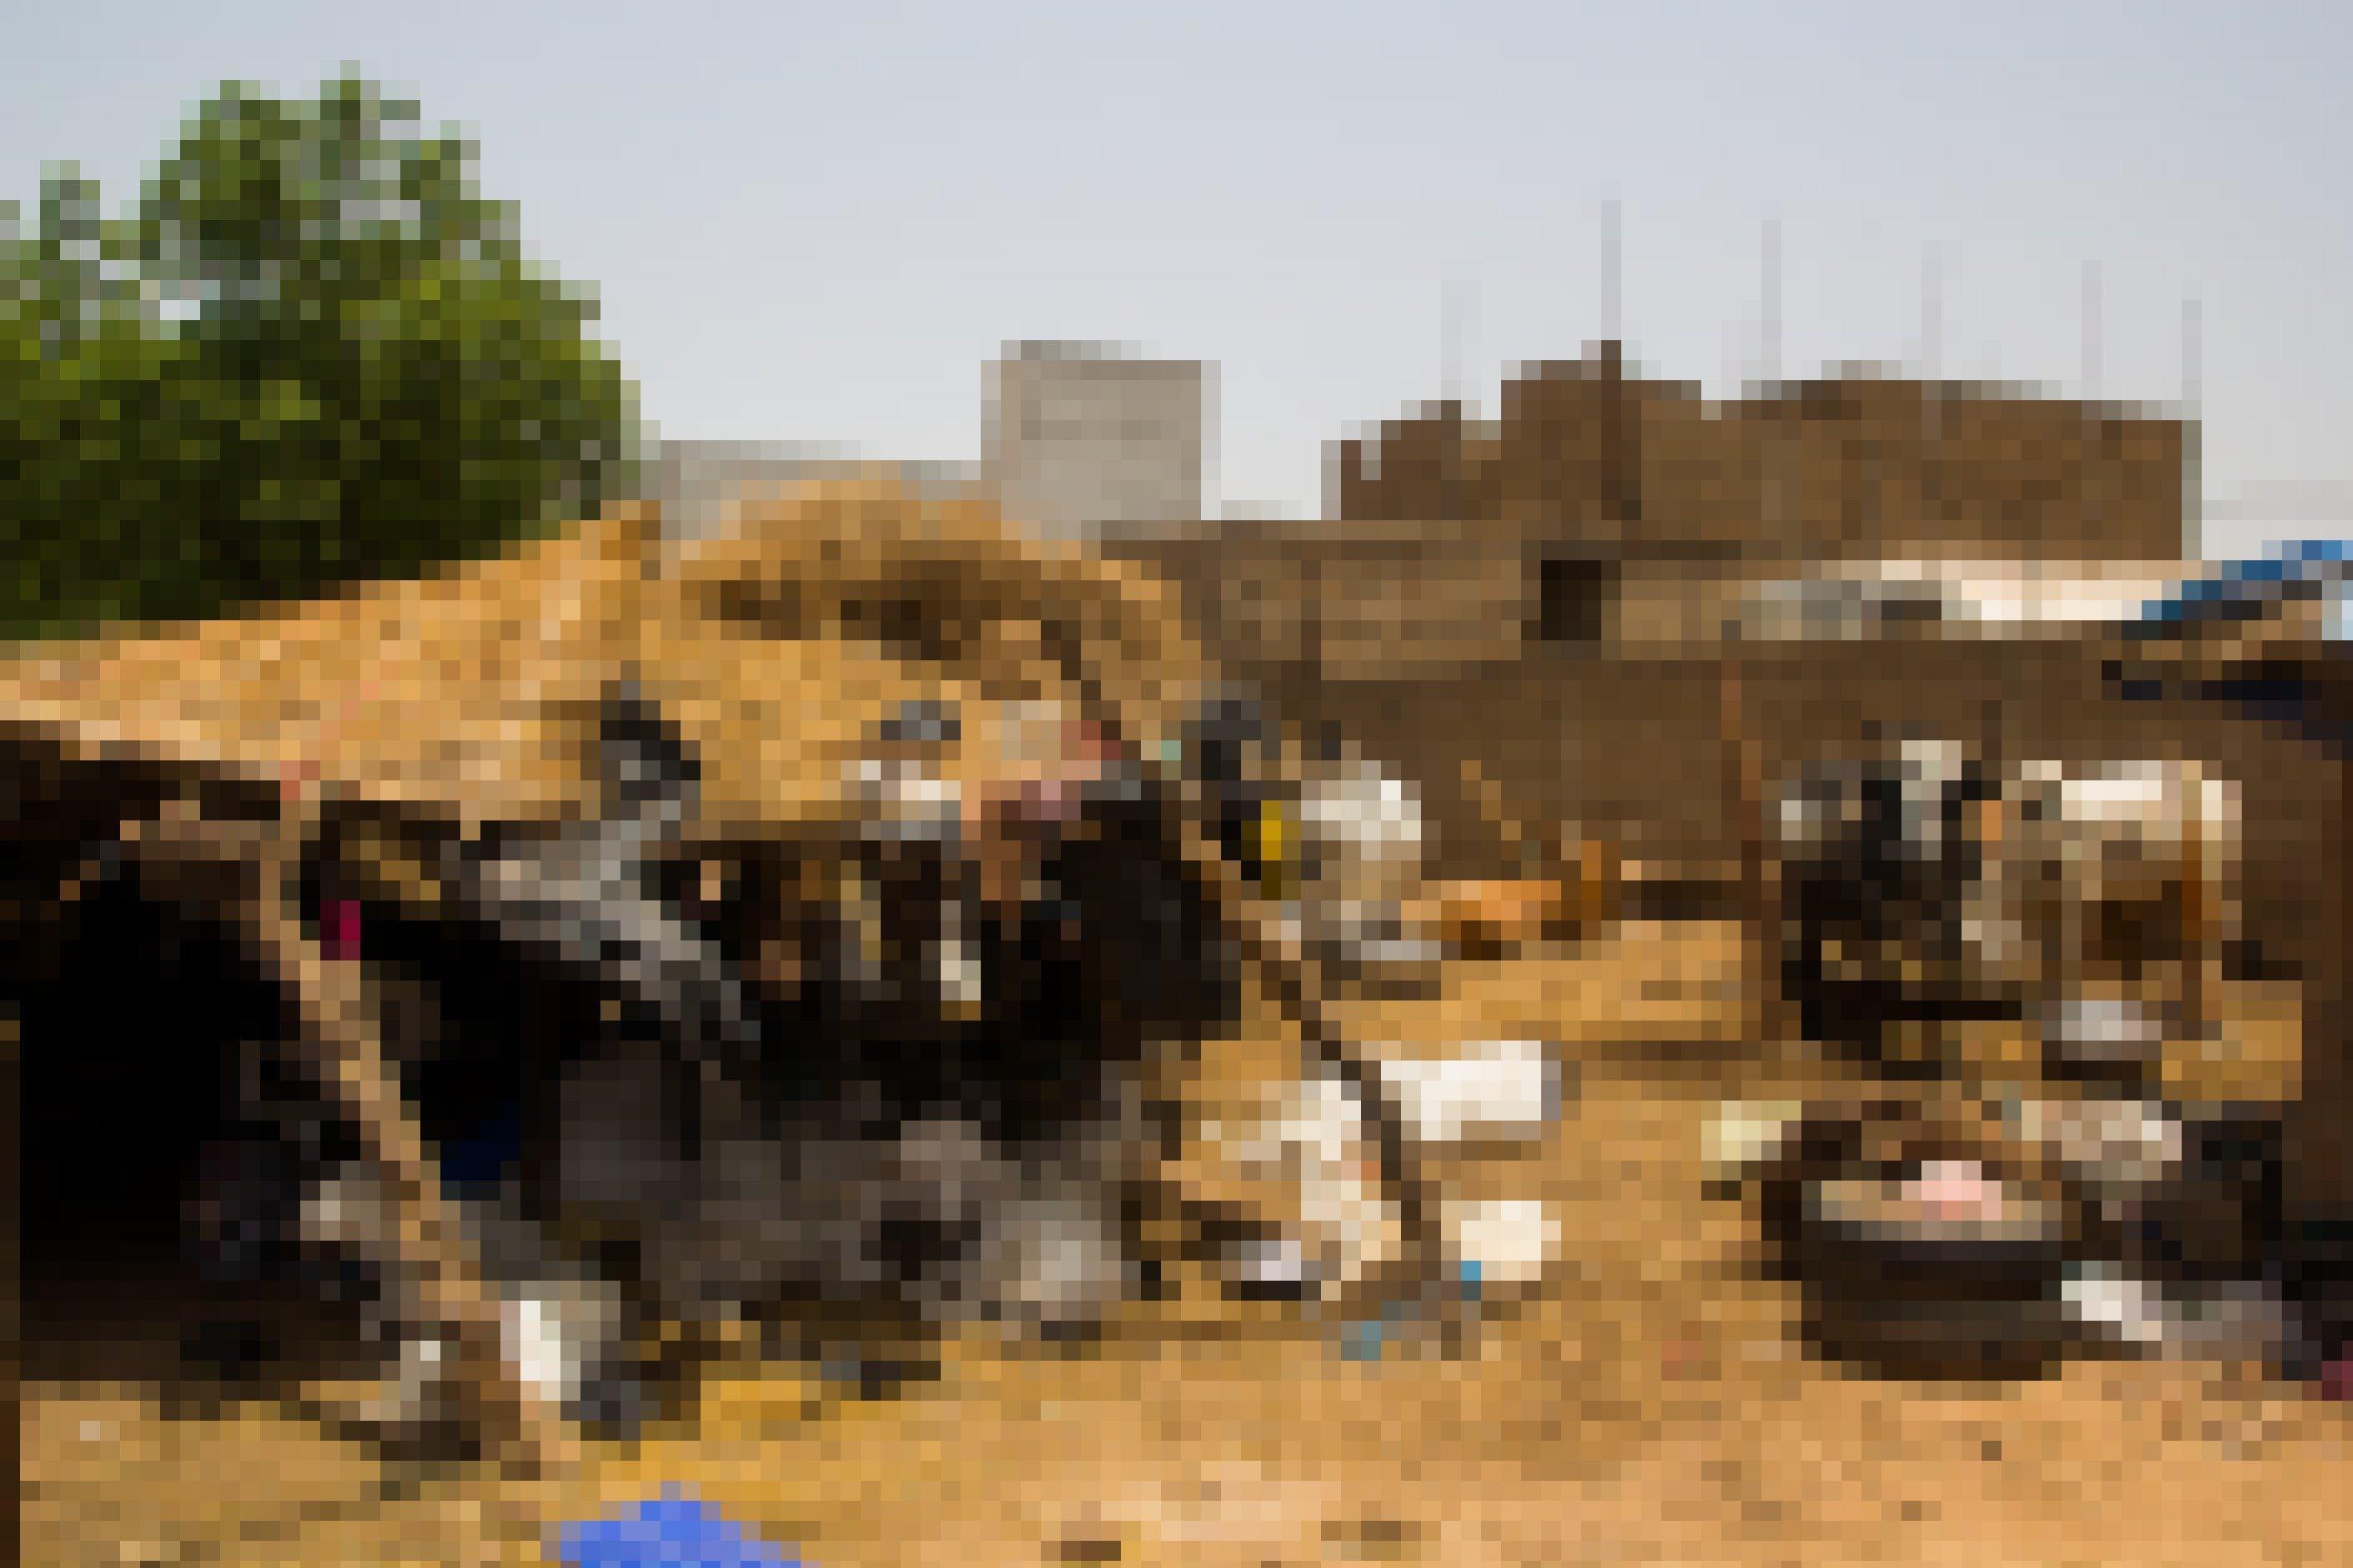 Kühe und Schafe sind auf einem Viehmarkt in Mali. Die Schafe liegen unter einer Überdachung aus Stroh und Ästen.